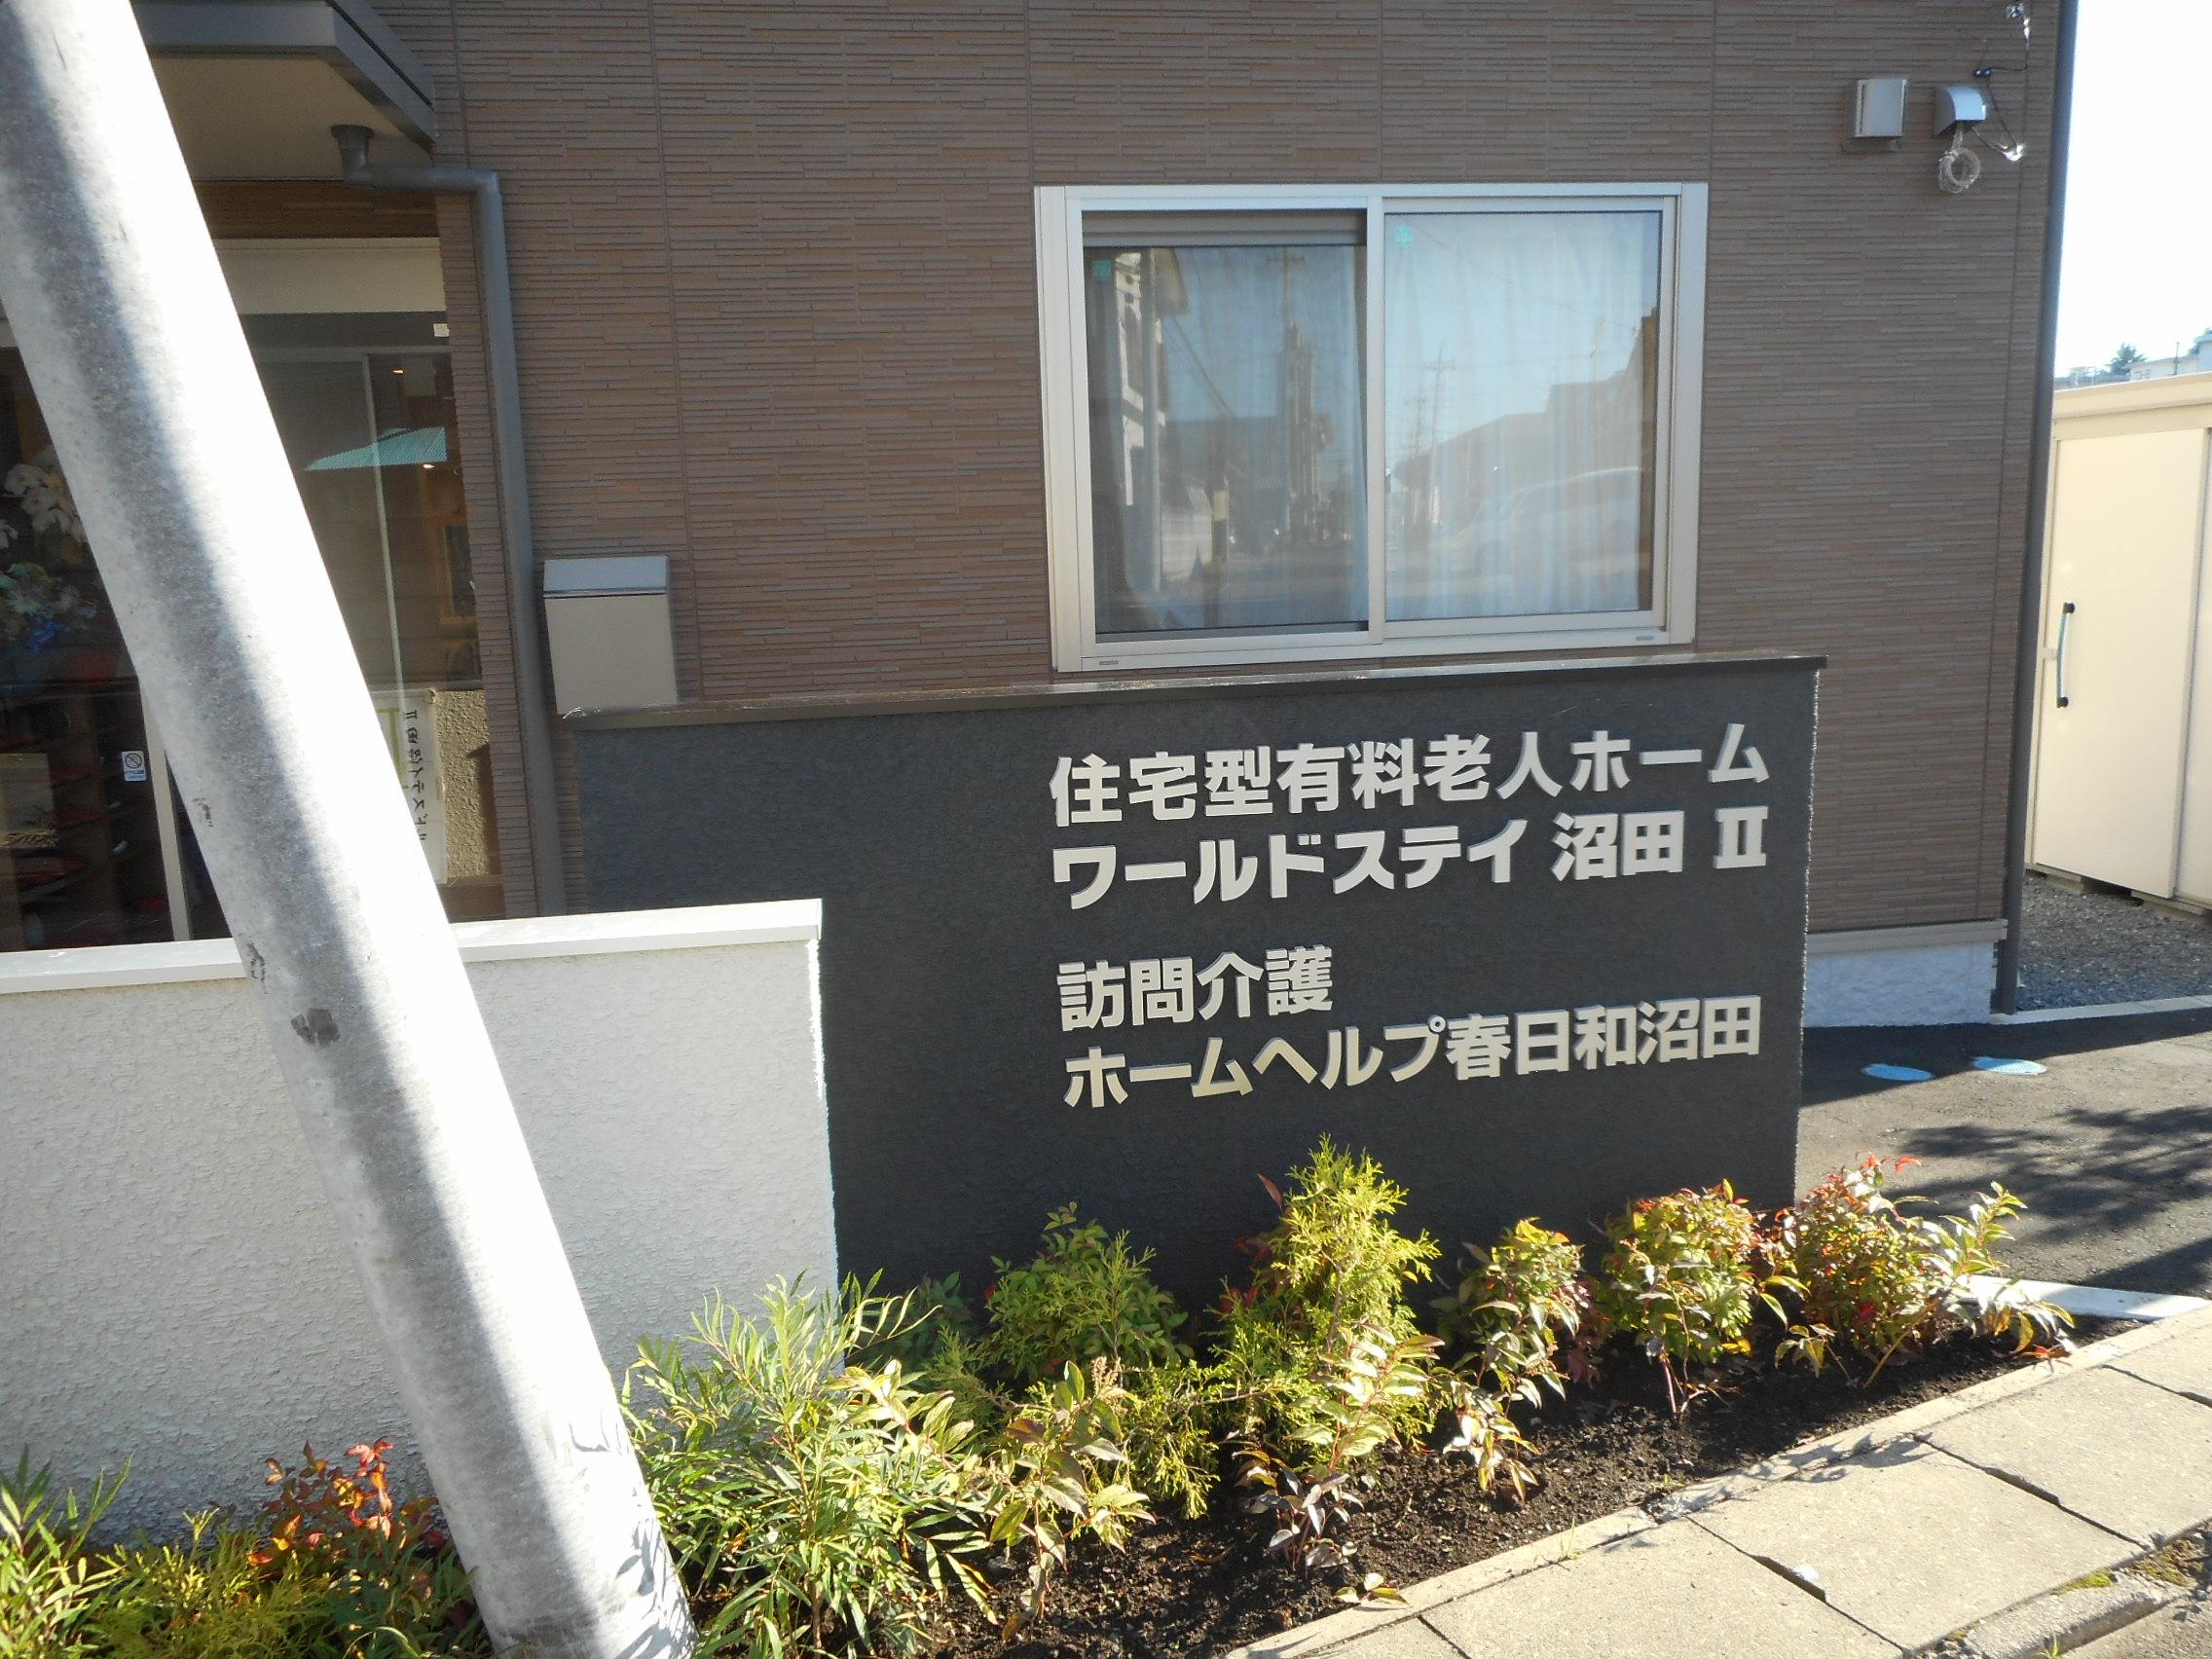 ワールドステイ沼田II入り口